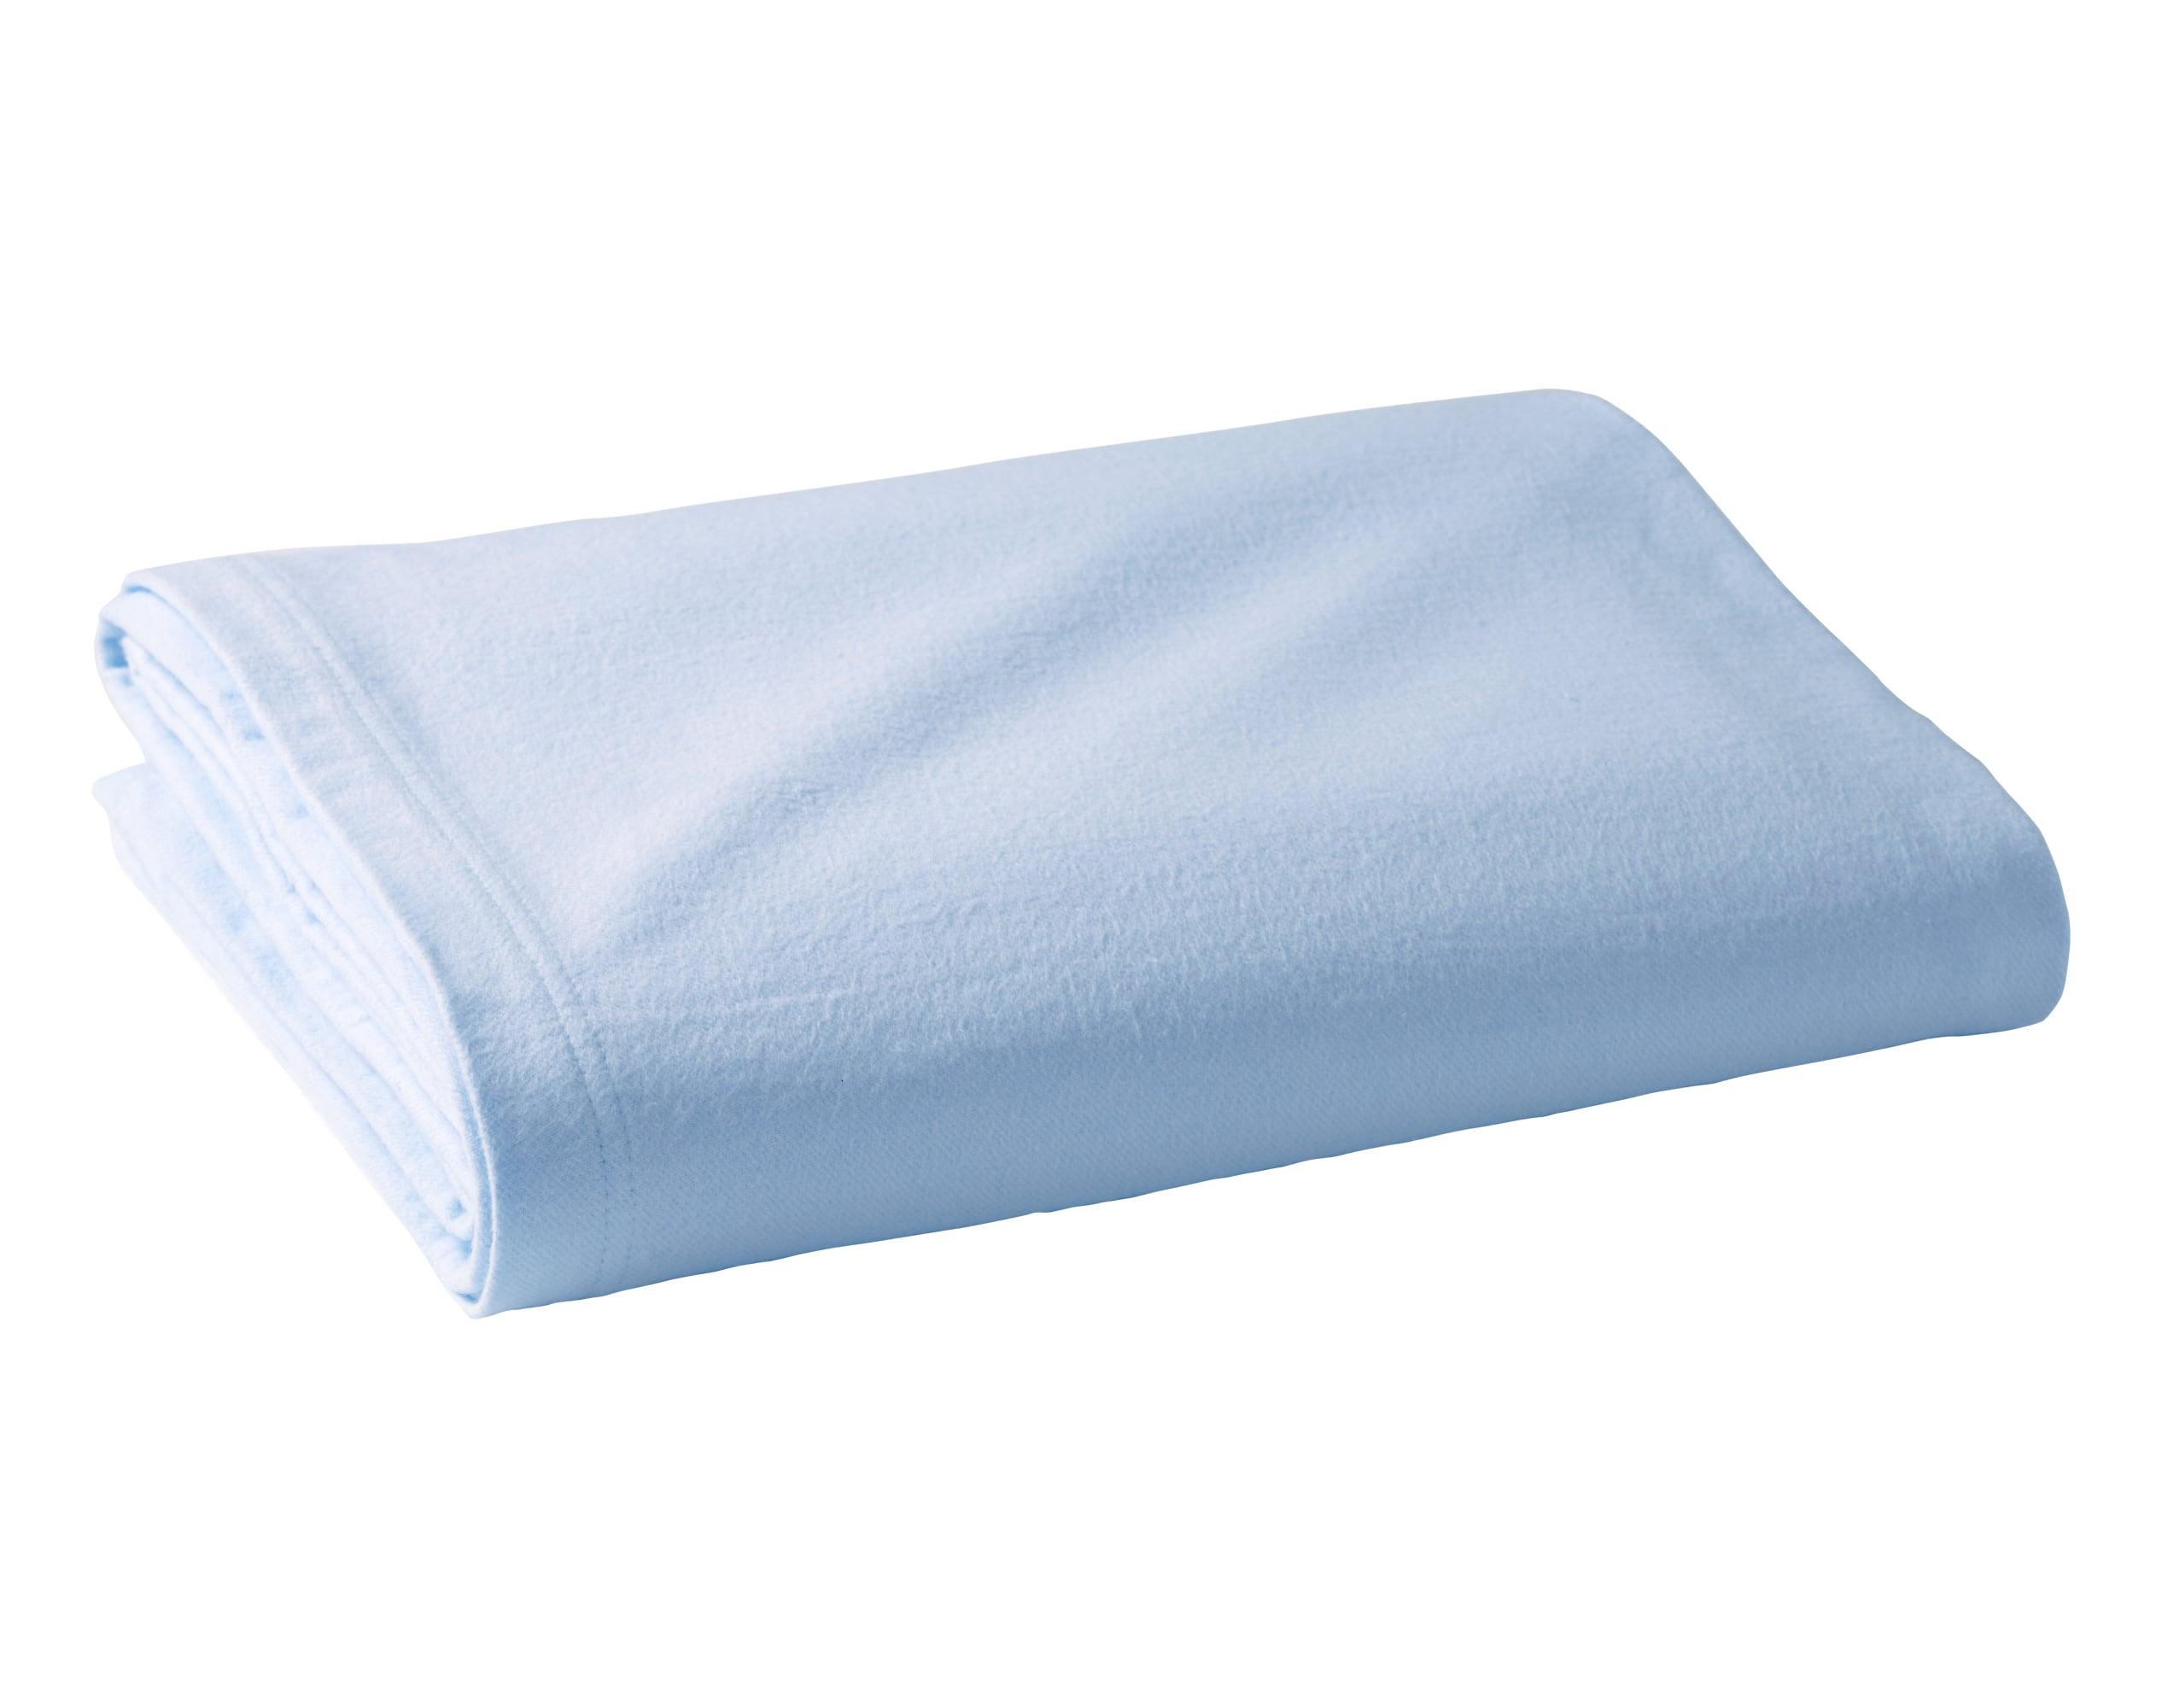 Couverture d'été 220x240 bleue en coton